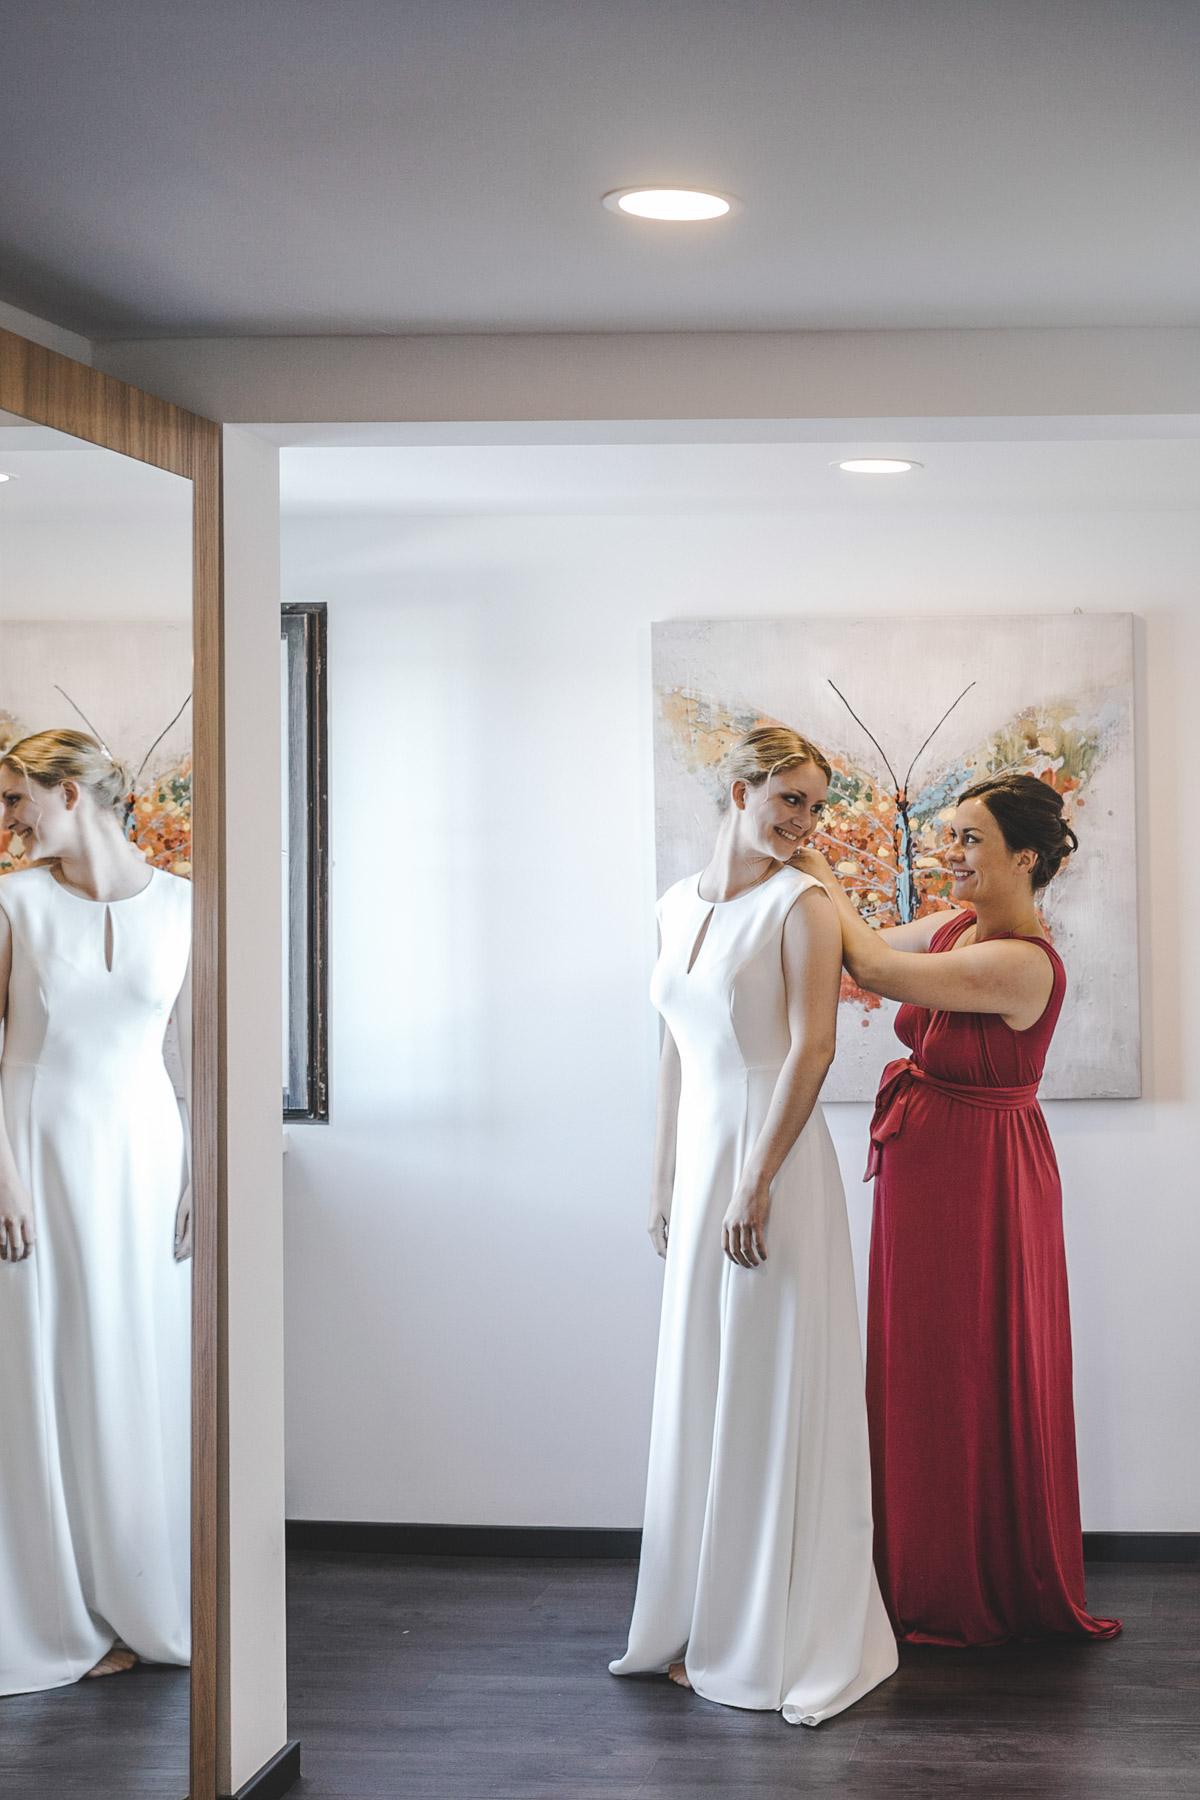 Barbara und Thorsten | Hochzeit am Starnenberger See - Fotografin Guelten Hamidanoglu Fotografie Koeln BT 19 453